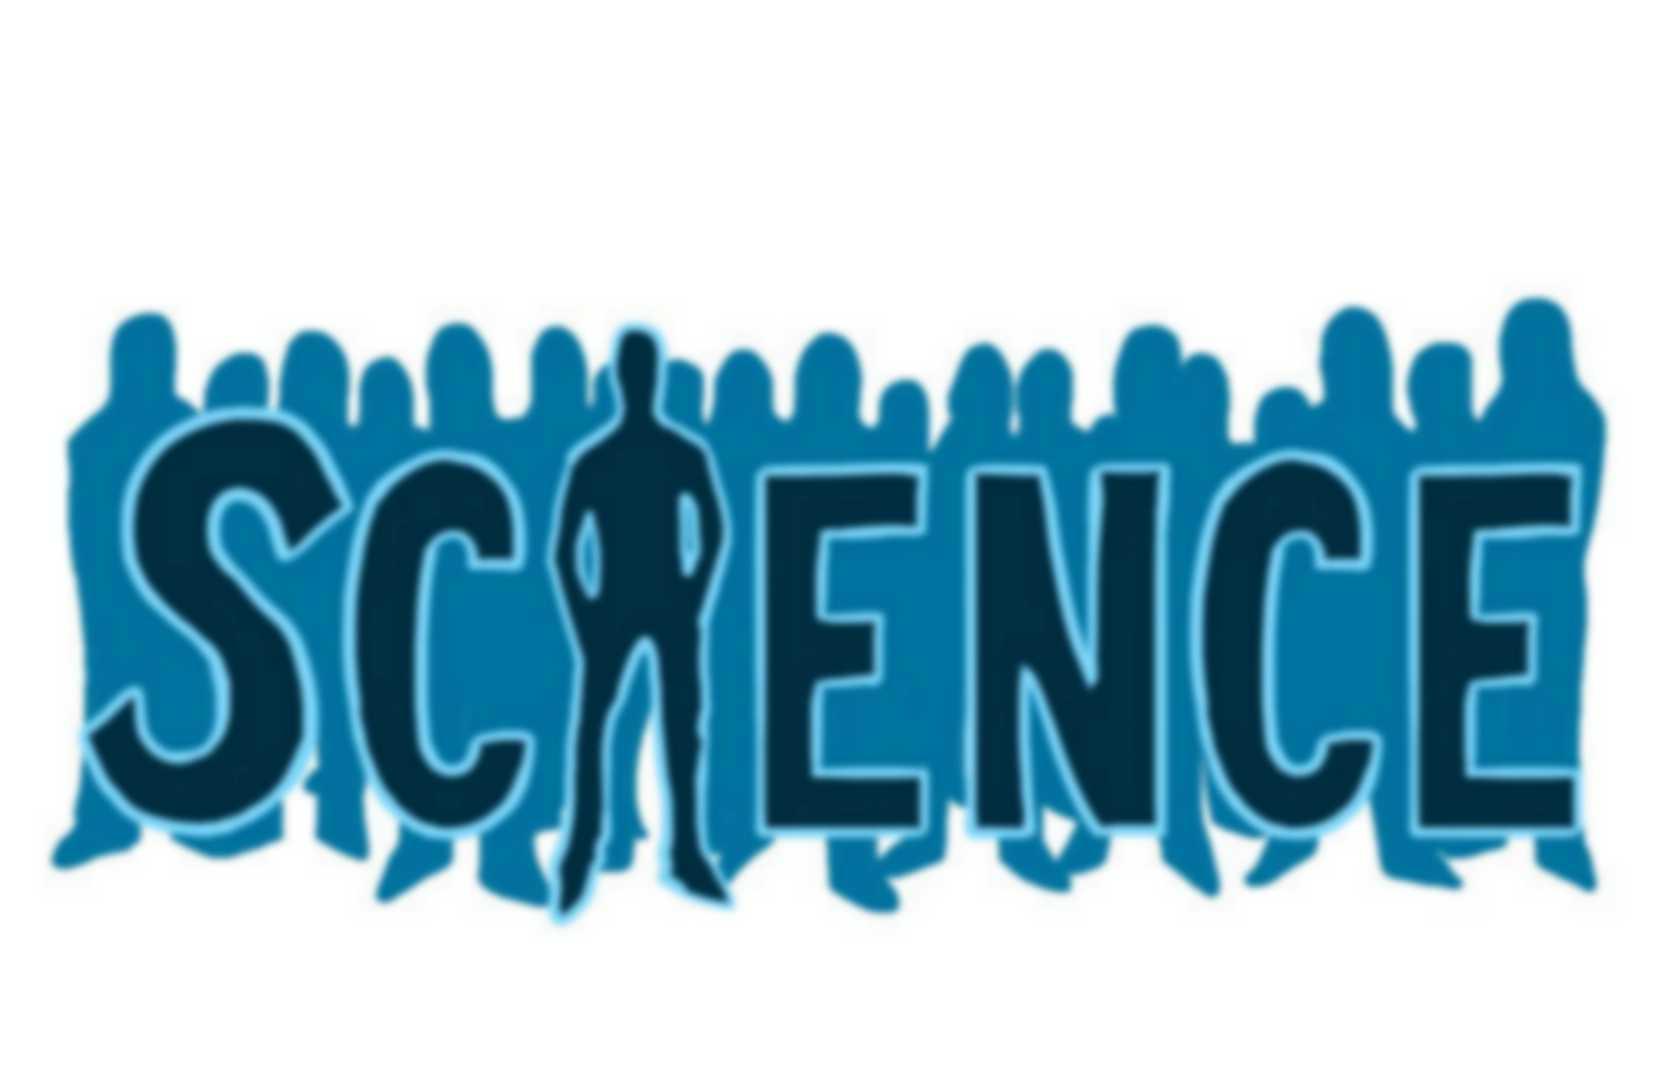 Ks3 Chemistry Ks3 Science Quizzes Practice Questions